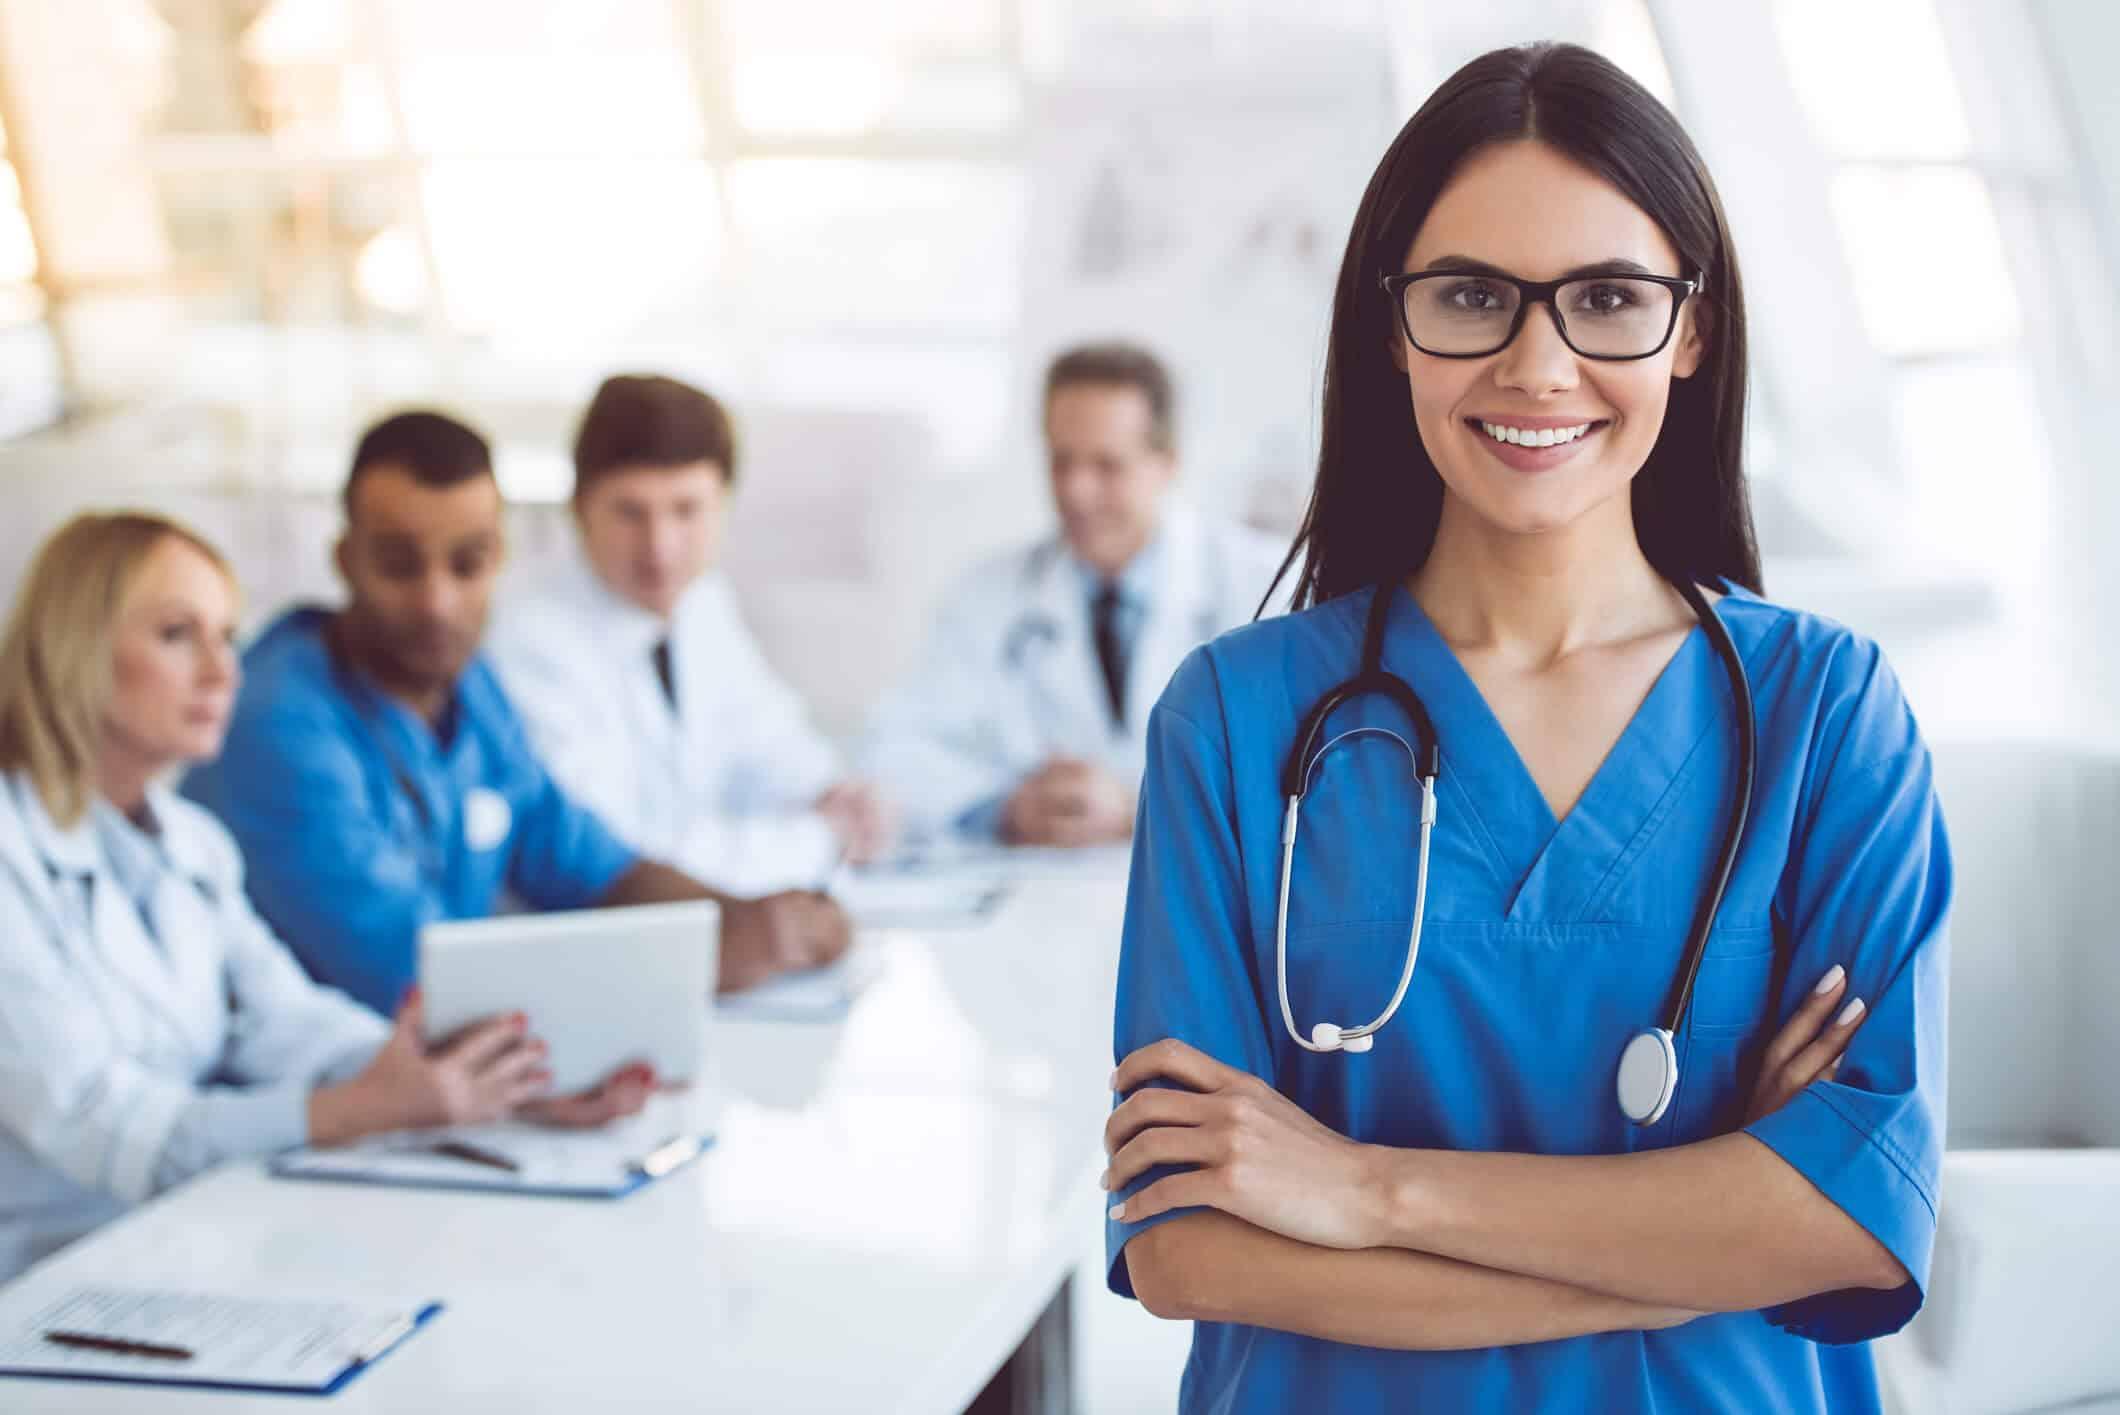 Mulher enfermeira em primeiro plano com reunião a fundo | Eventos de Enfermagem